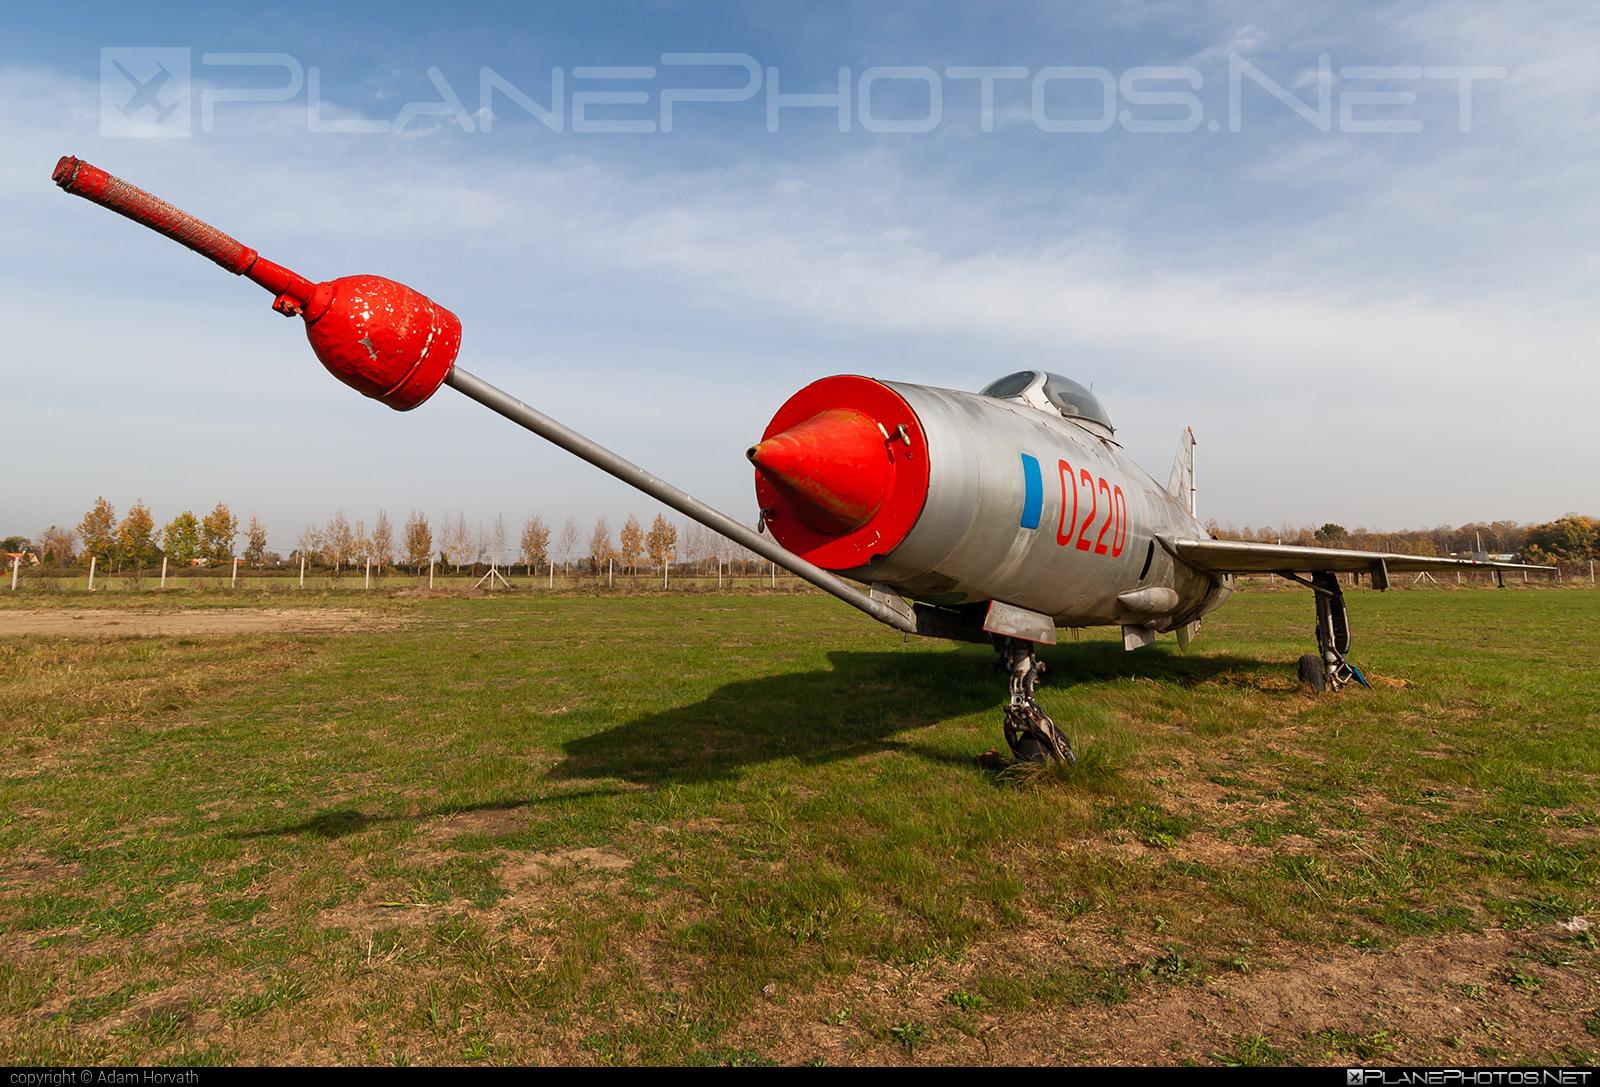 Aero S-106 - 0220 operated by Vzdušné síly AČR (Czech Air Force) #aero #aeros106 #czechairforce #mig21 #mig21f13 #vzdusnesilyacr